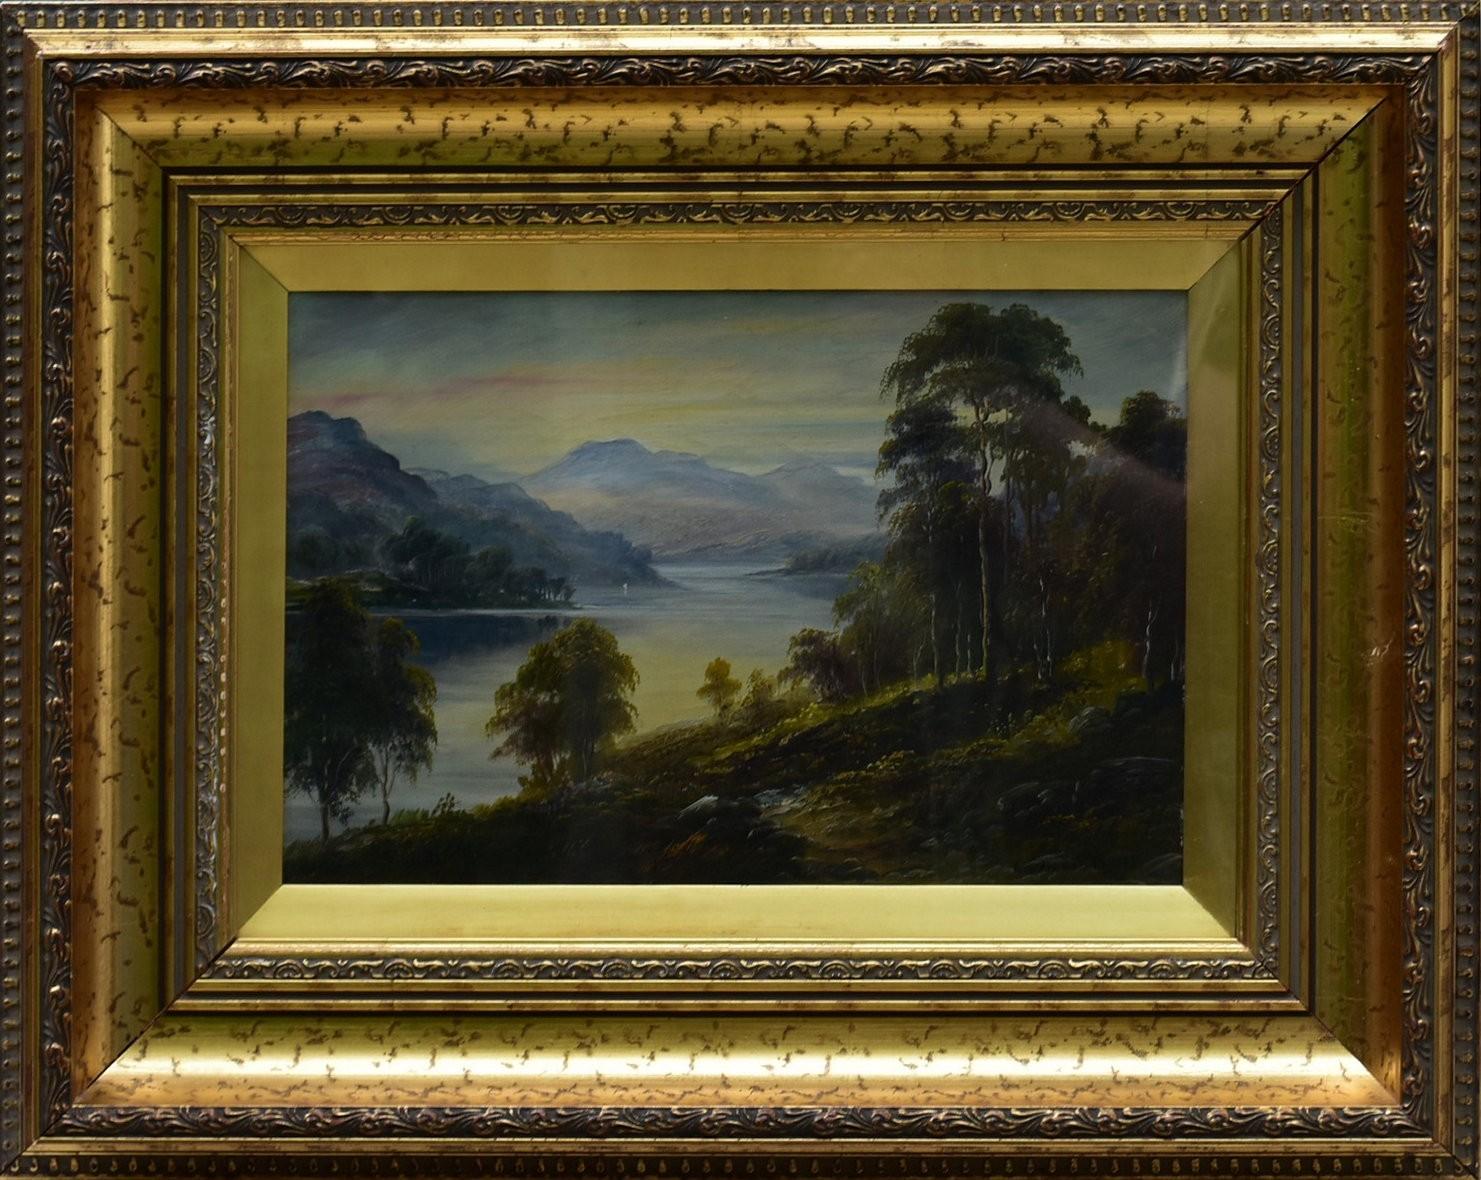 George Willis-Pryce (1866-1949), a gilt framed oil on canvas, Highland landscape, signed. H.40cm W. - Image 2 of 4